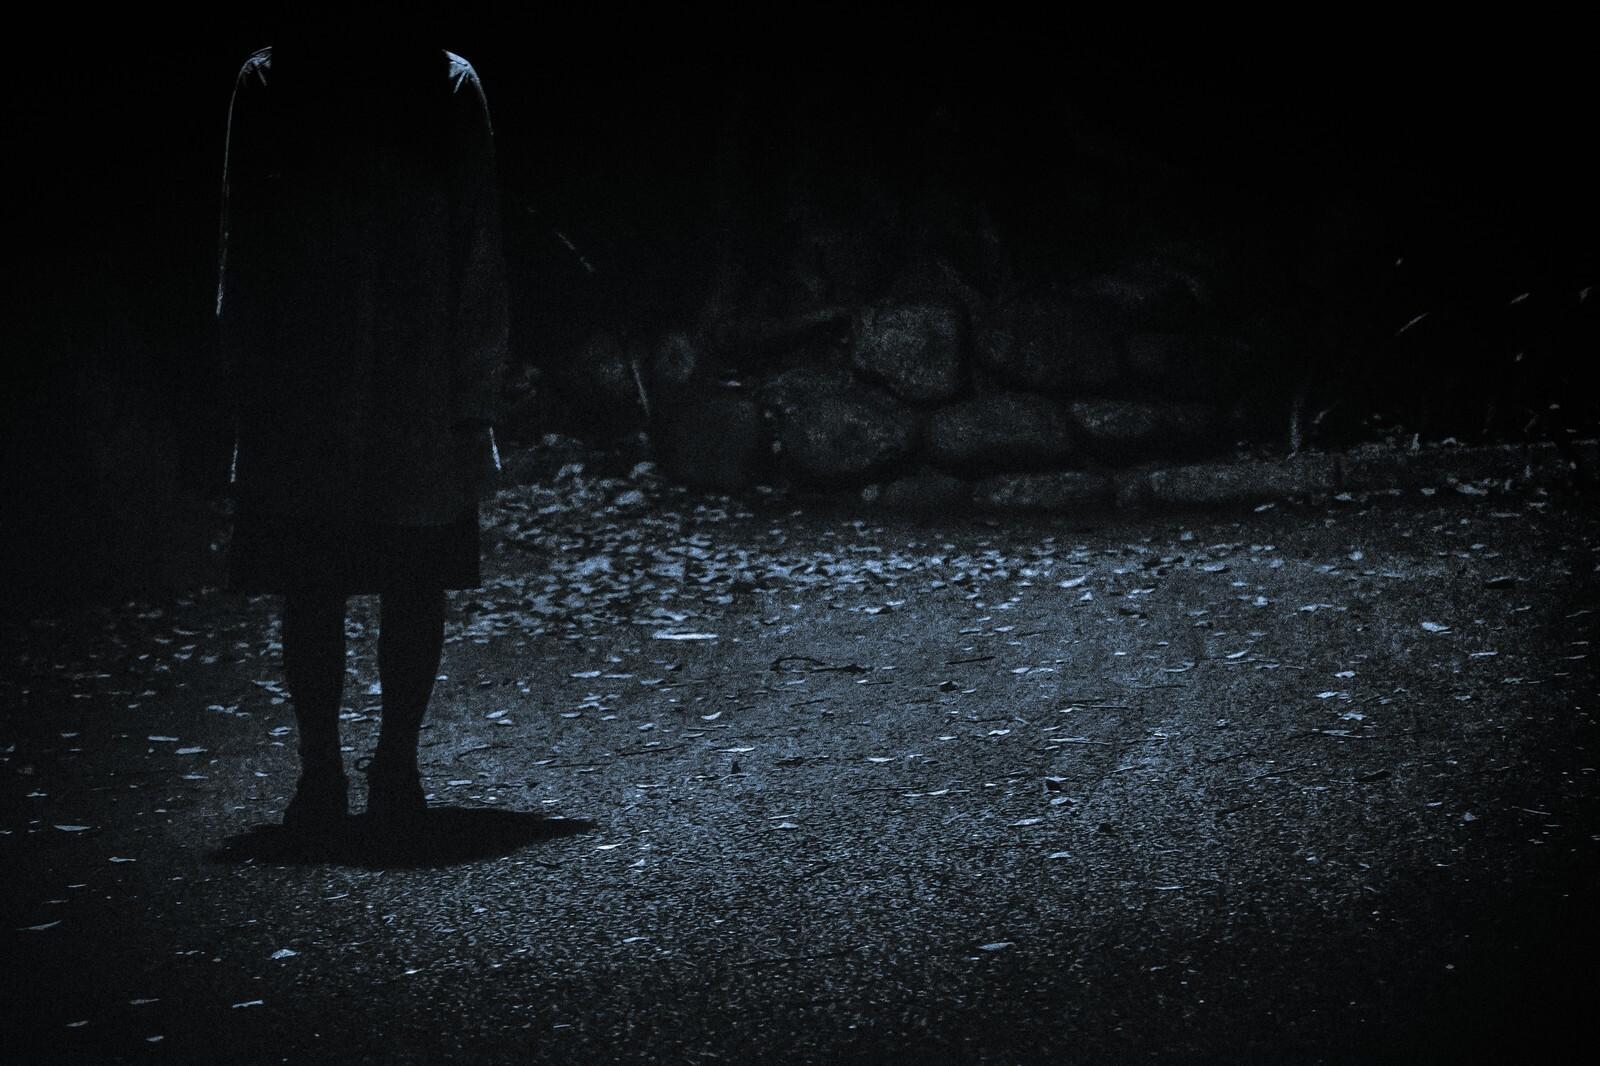 薄暗い先に待ち構えるその正体とは?